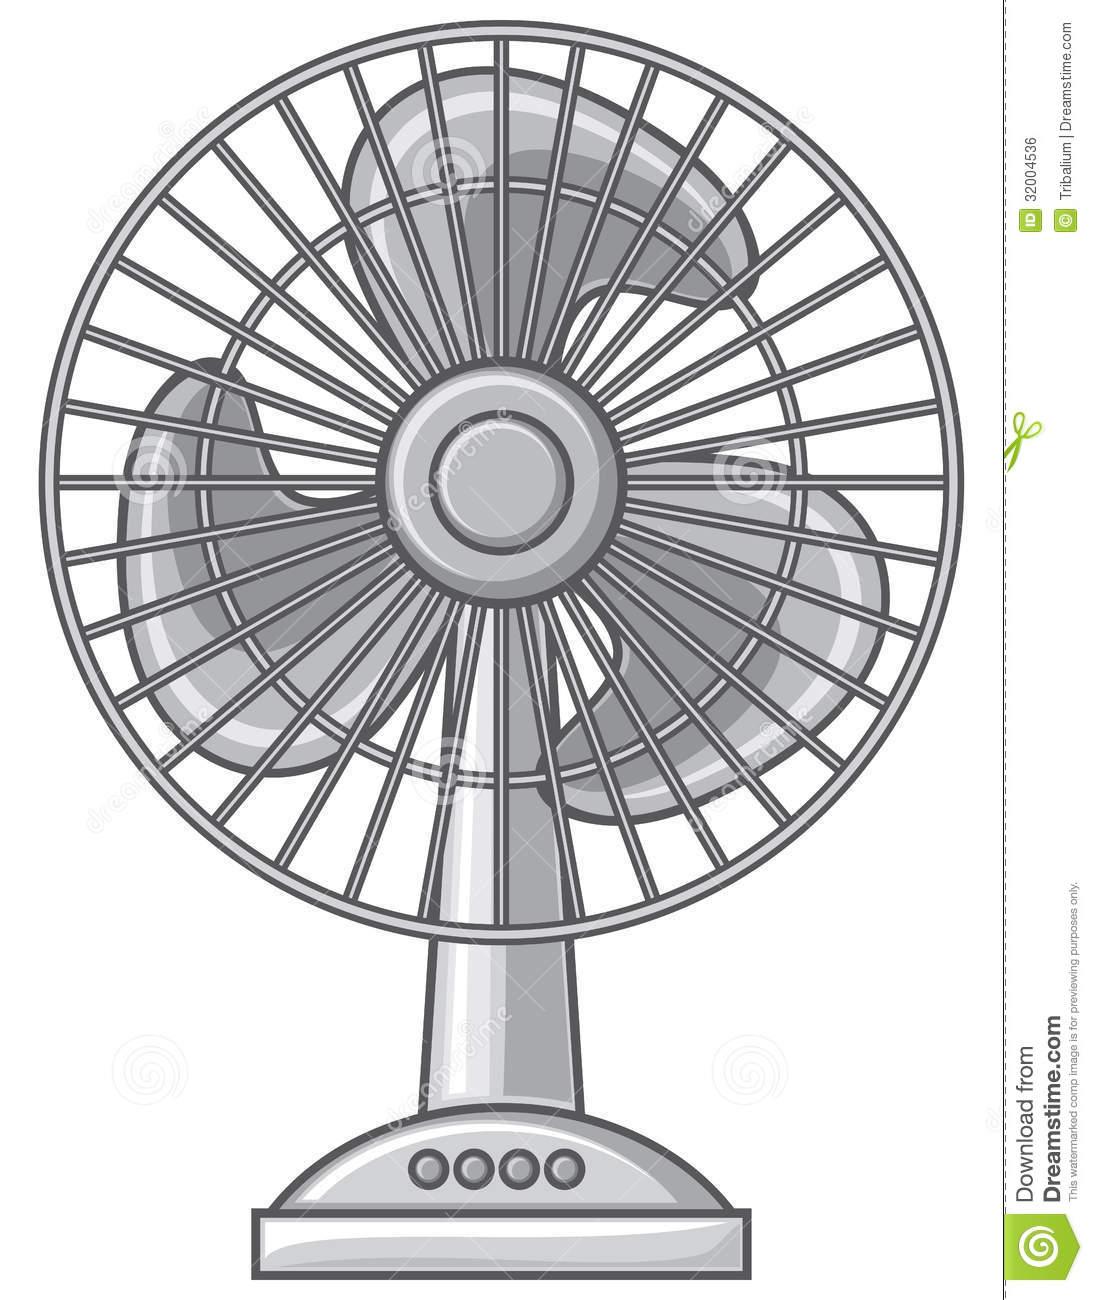 Clipart electric fan.